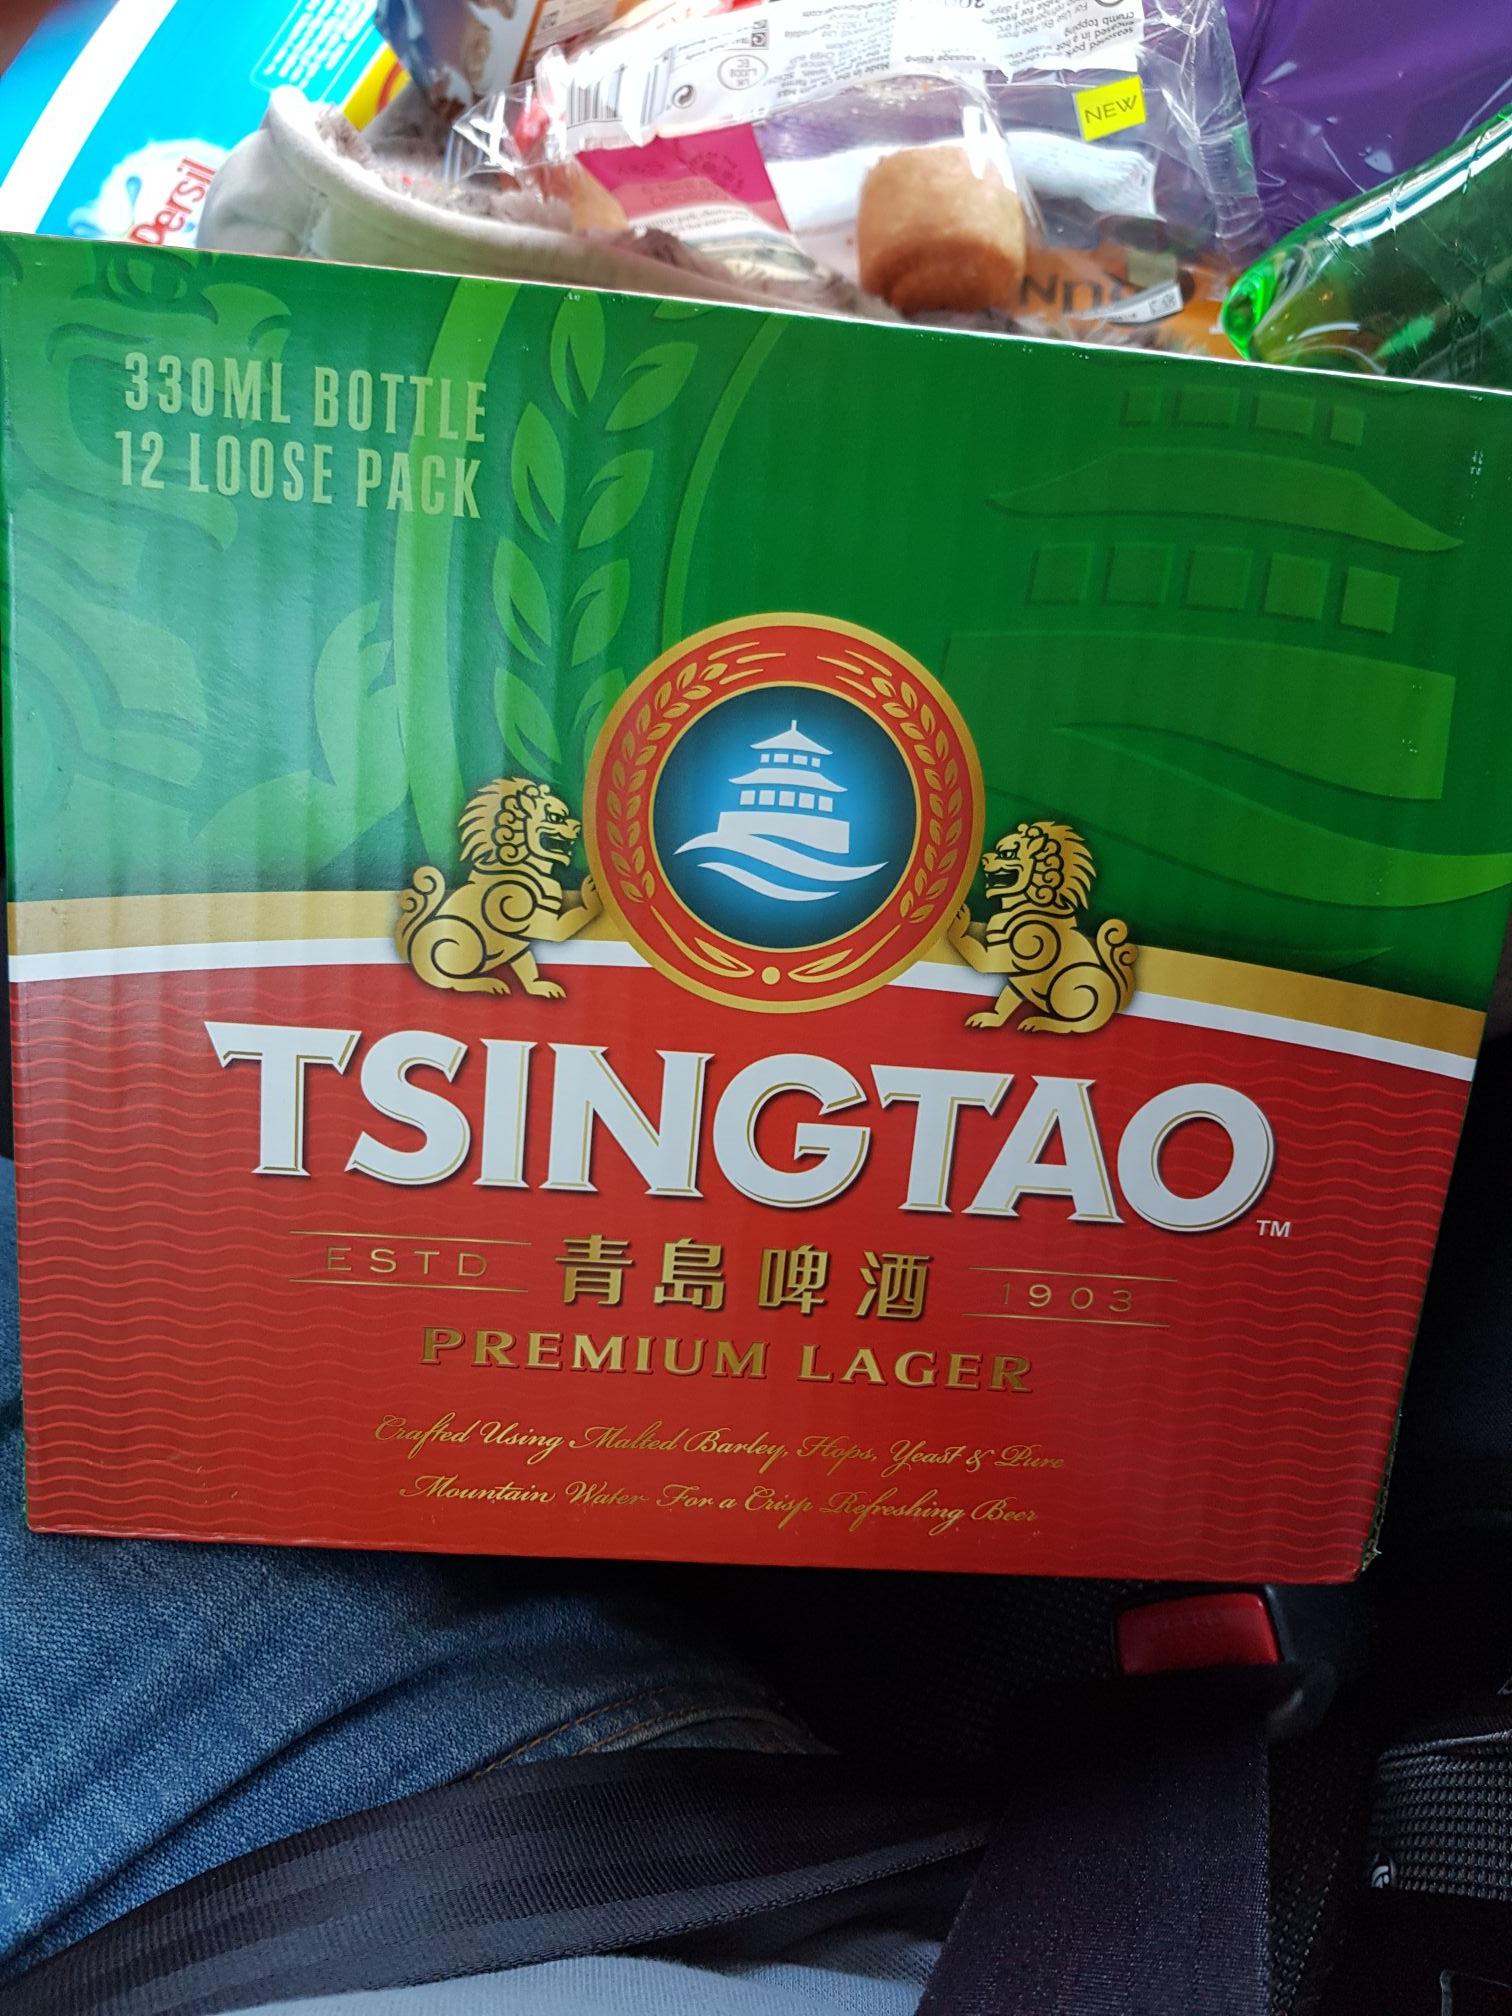 Tsingtao Premium Lager 12x 330ml bottles £7.99 @ B&M Bargains